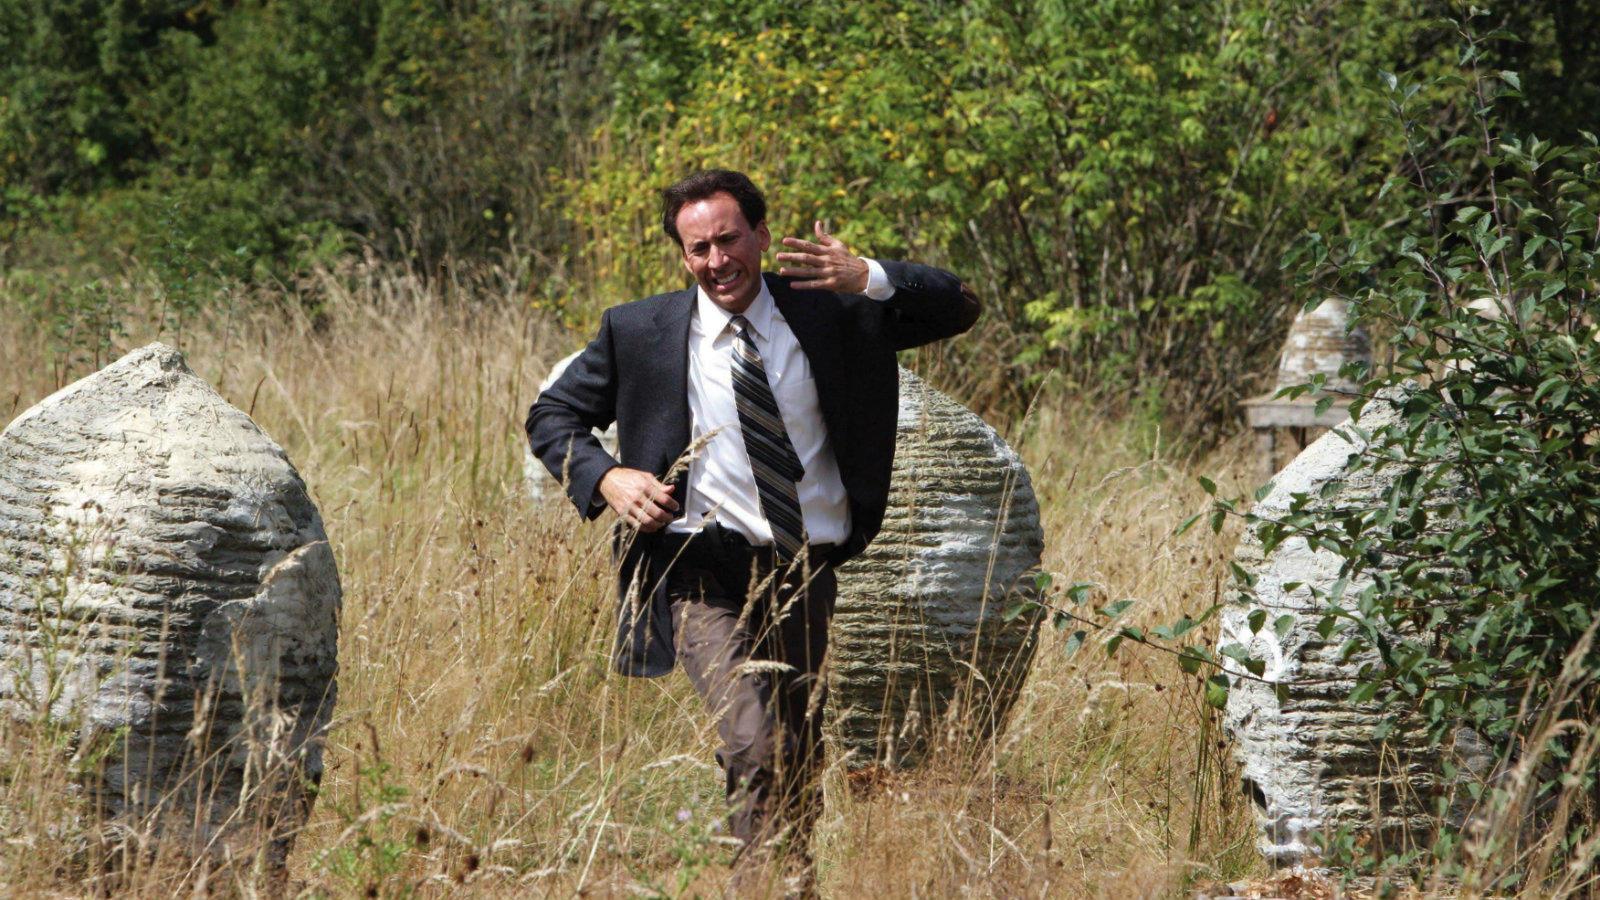 Bizton állíthatjuk, nem ez Cage élete alakítása. Igaz, az akaratlanul vígjátékba hajló miliő amolyan kultuszt teremtett a film megjelenését követően, miközben láthattuk a színészt medvének öltözni egy igen érdekfeszítő jelenetben, ahol a sikolyaival bevonzotta a méheket. (Nu-Image/Warner Bros/Kobal/Shutterstock)